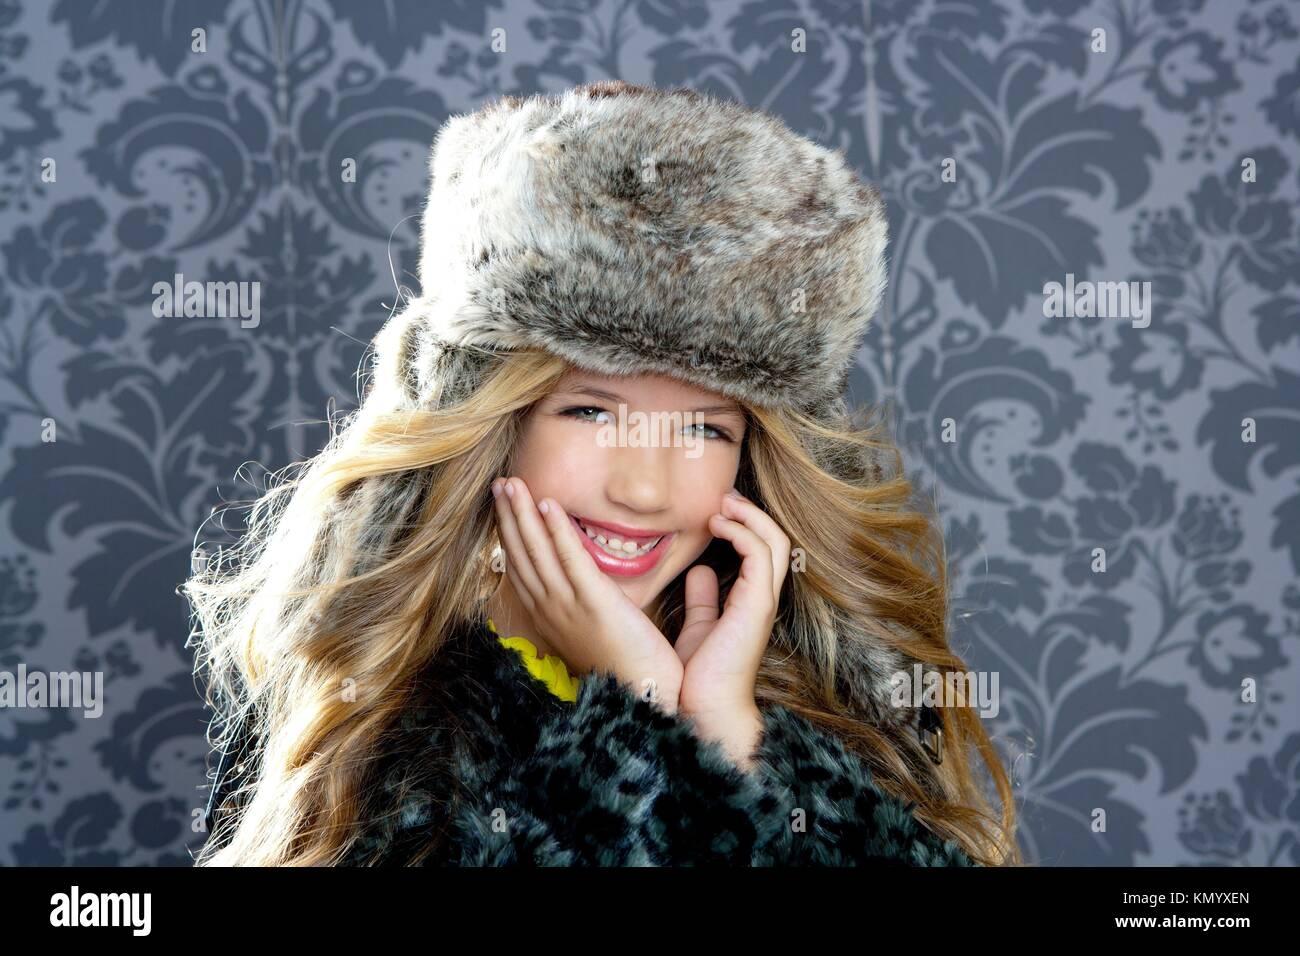 Bambini Moda ragazza con l inverno leopard cappotto e cappello di pelliccia  su sfondo rétro 6c2c7b33c9e4